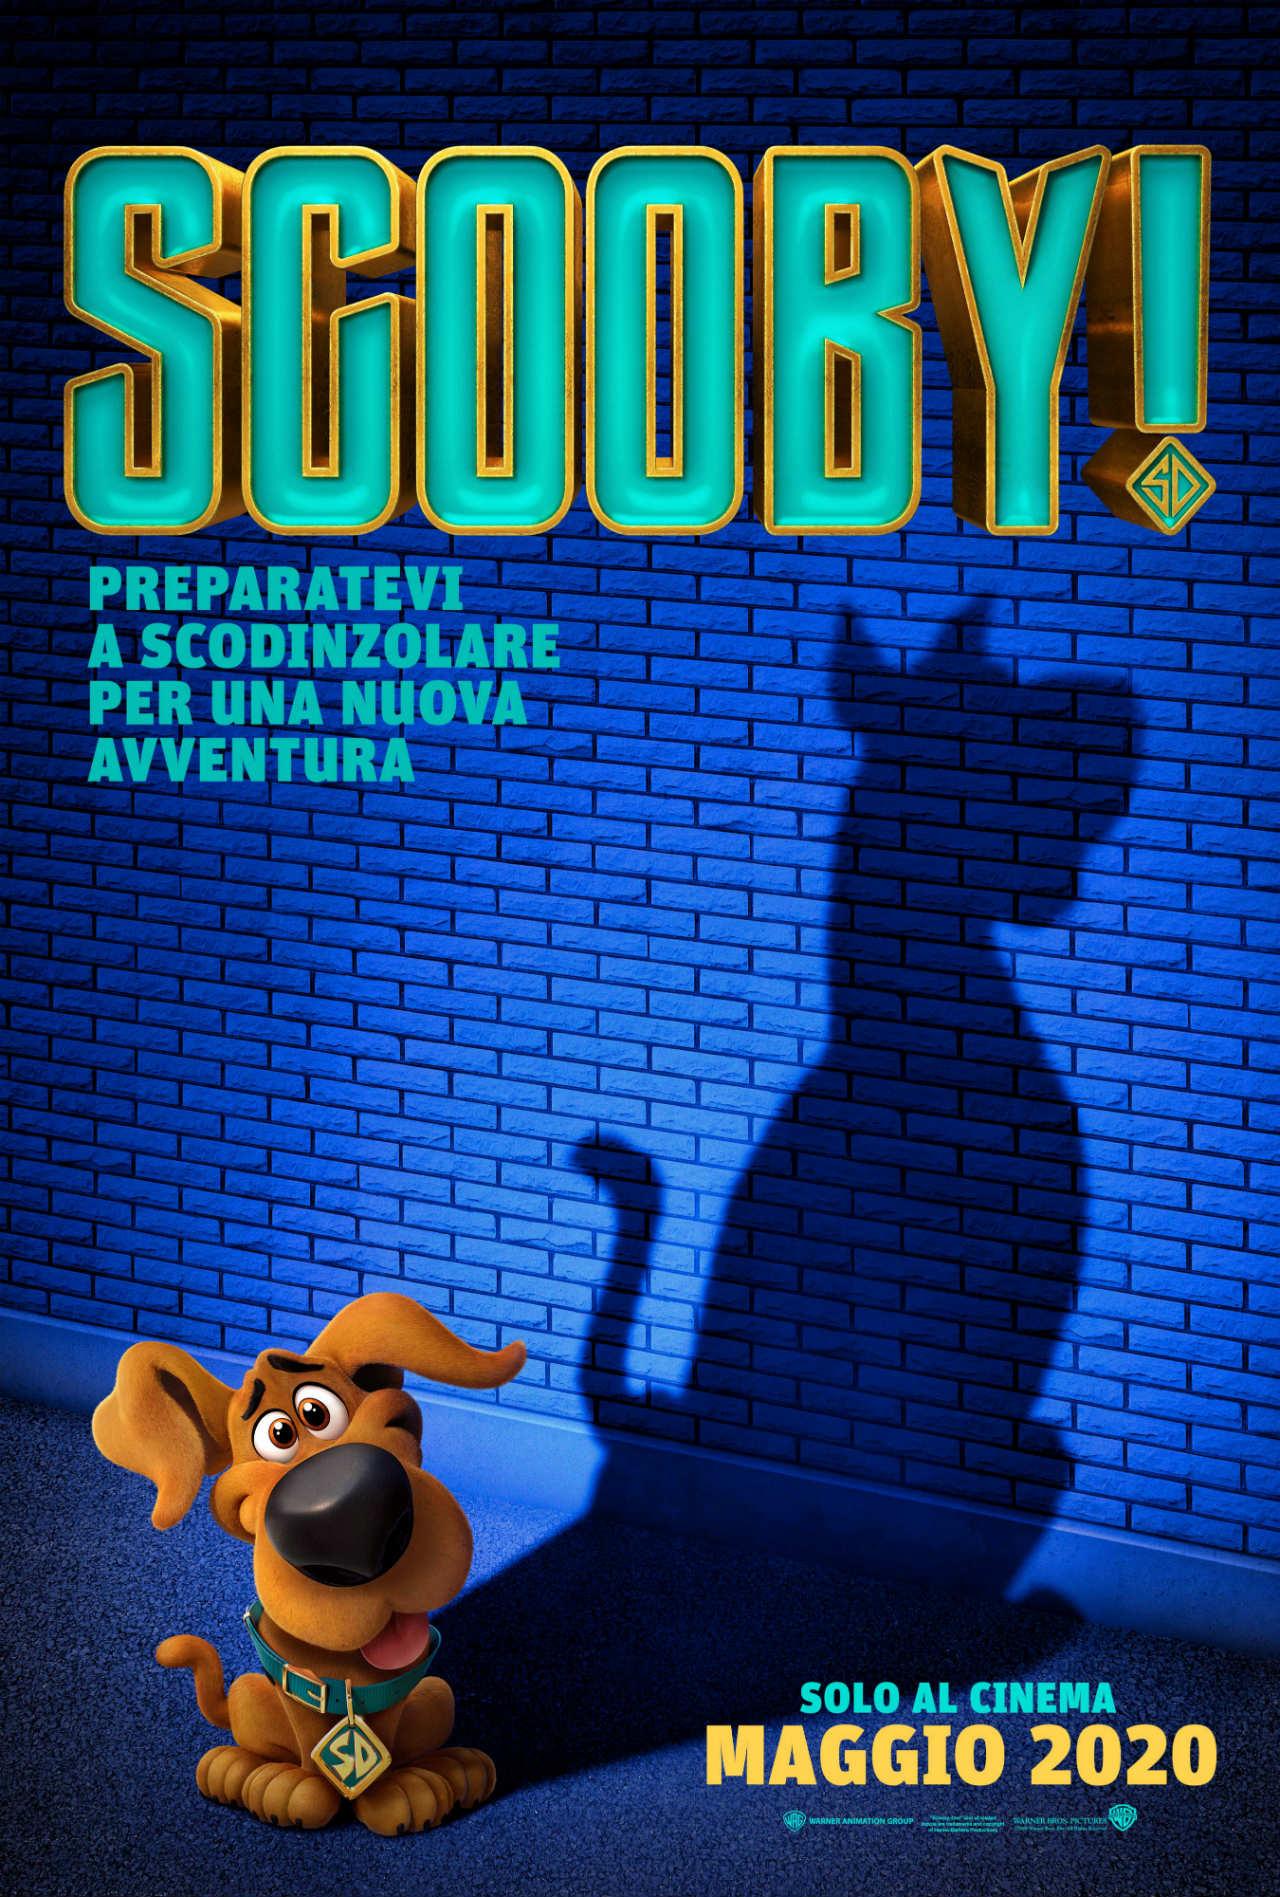 Scooby! - POster Ufficiale Italiano del filmrev 1rev 1